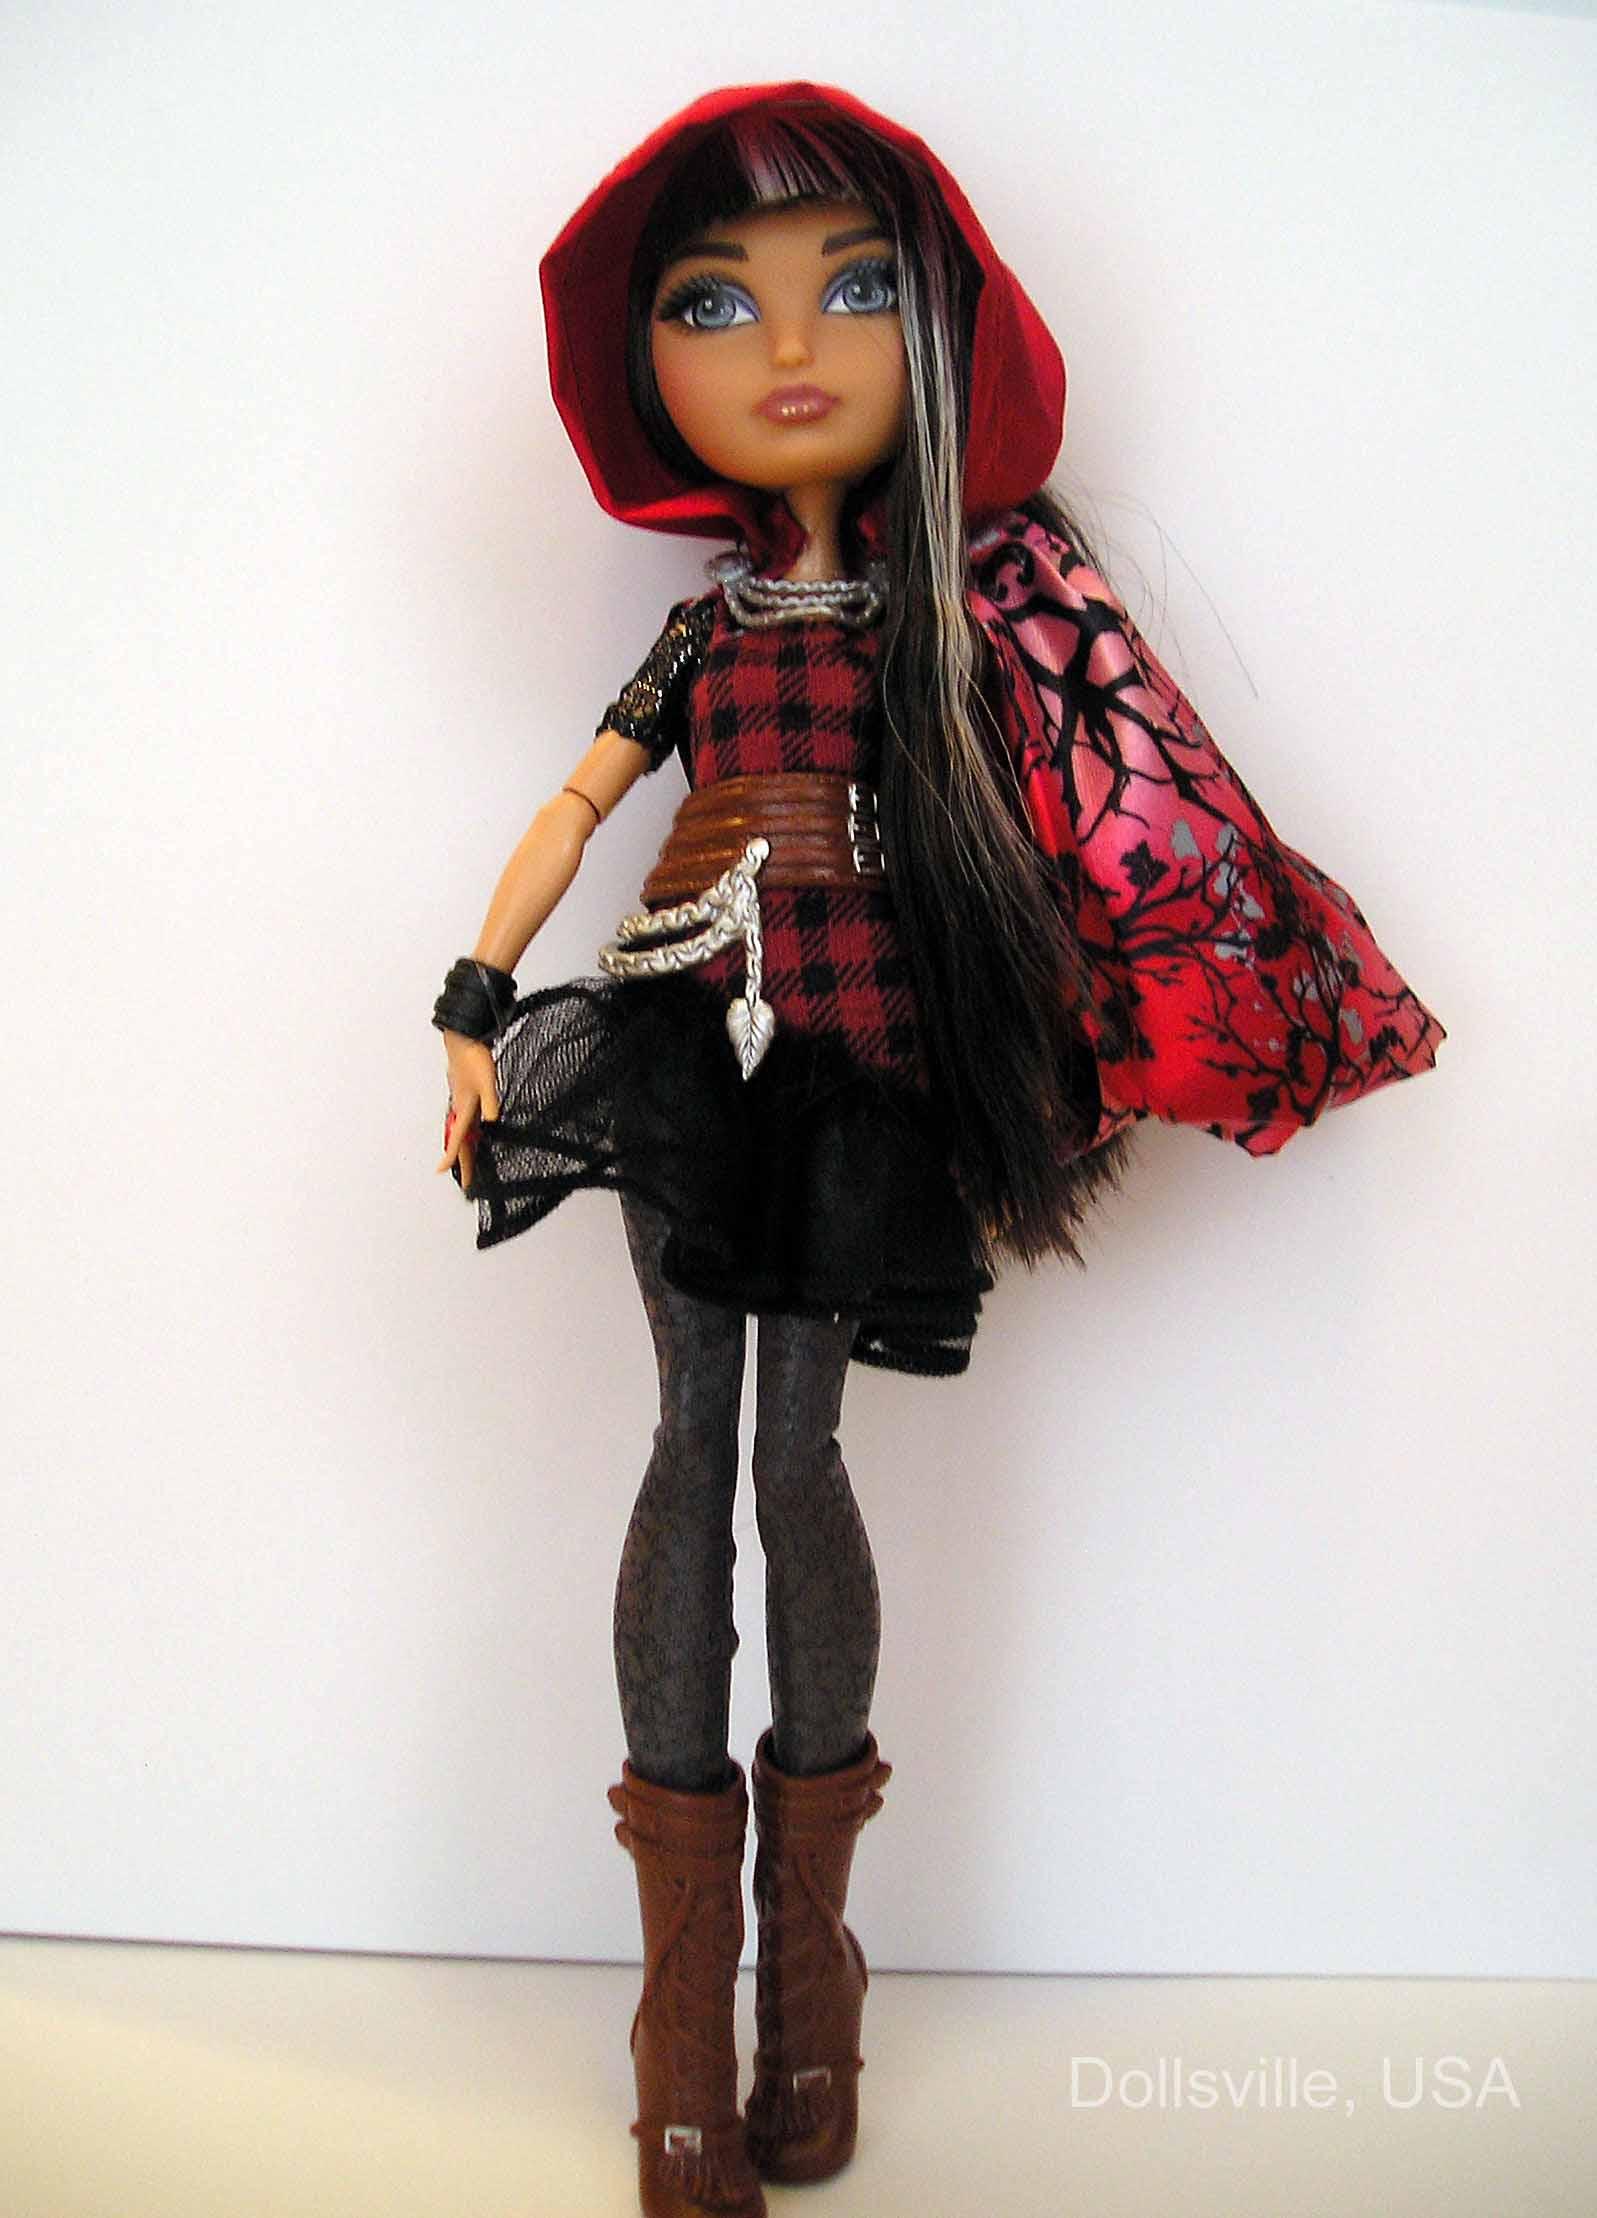 Cerise Hood   Dollsville, USA   Cerise Hood